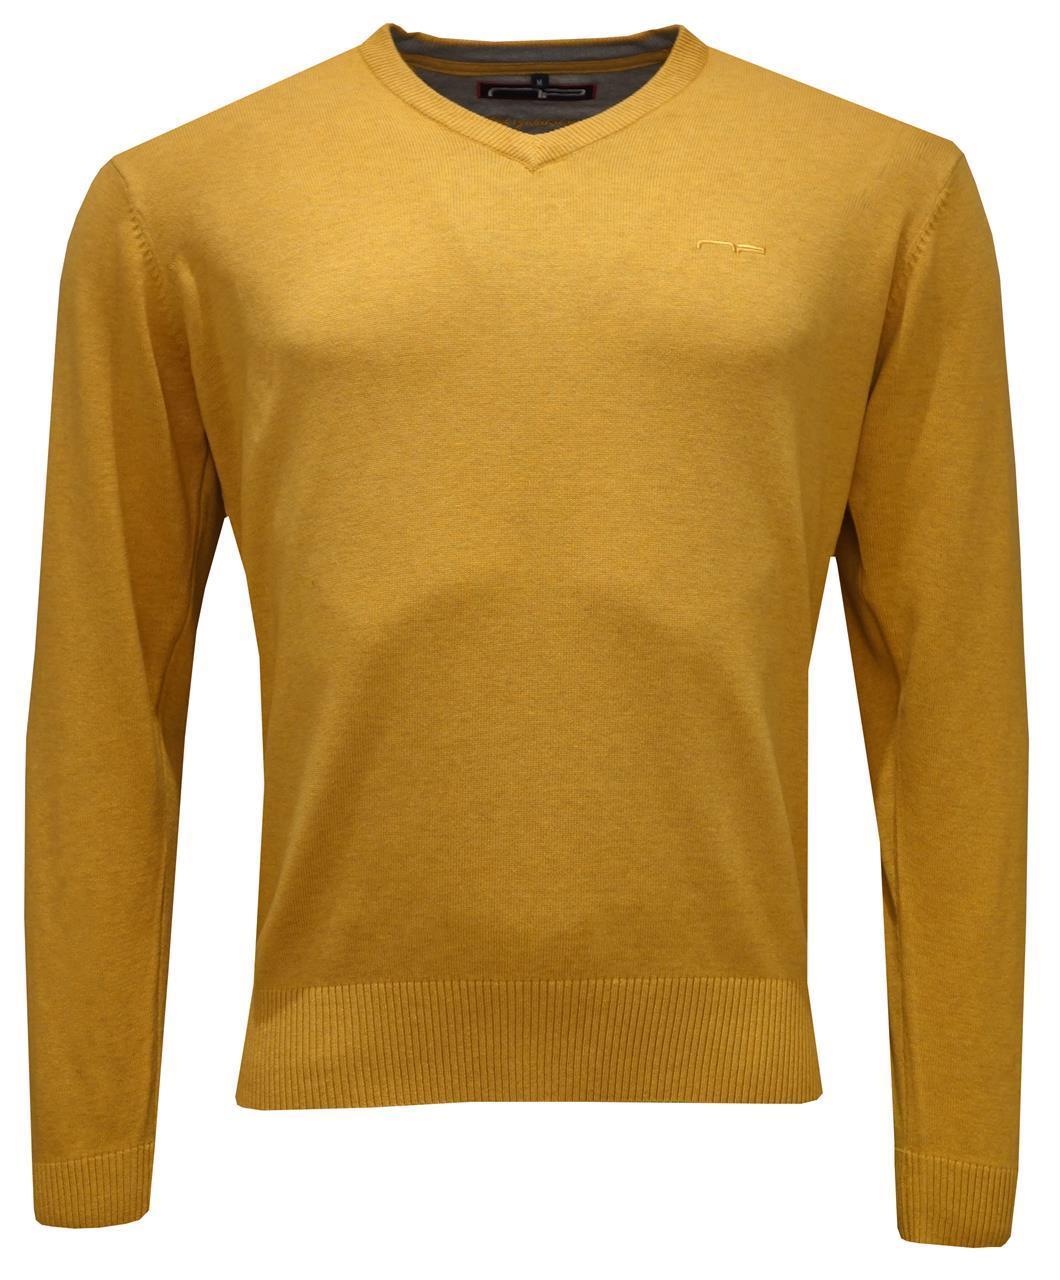 V -neck 1670  Mustard L